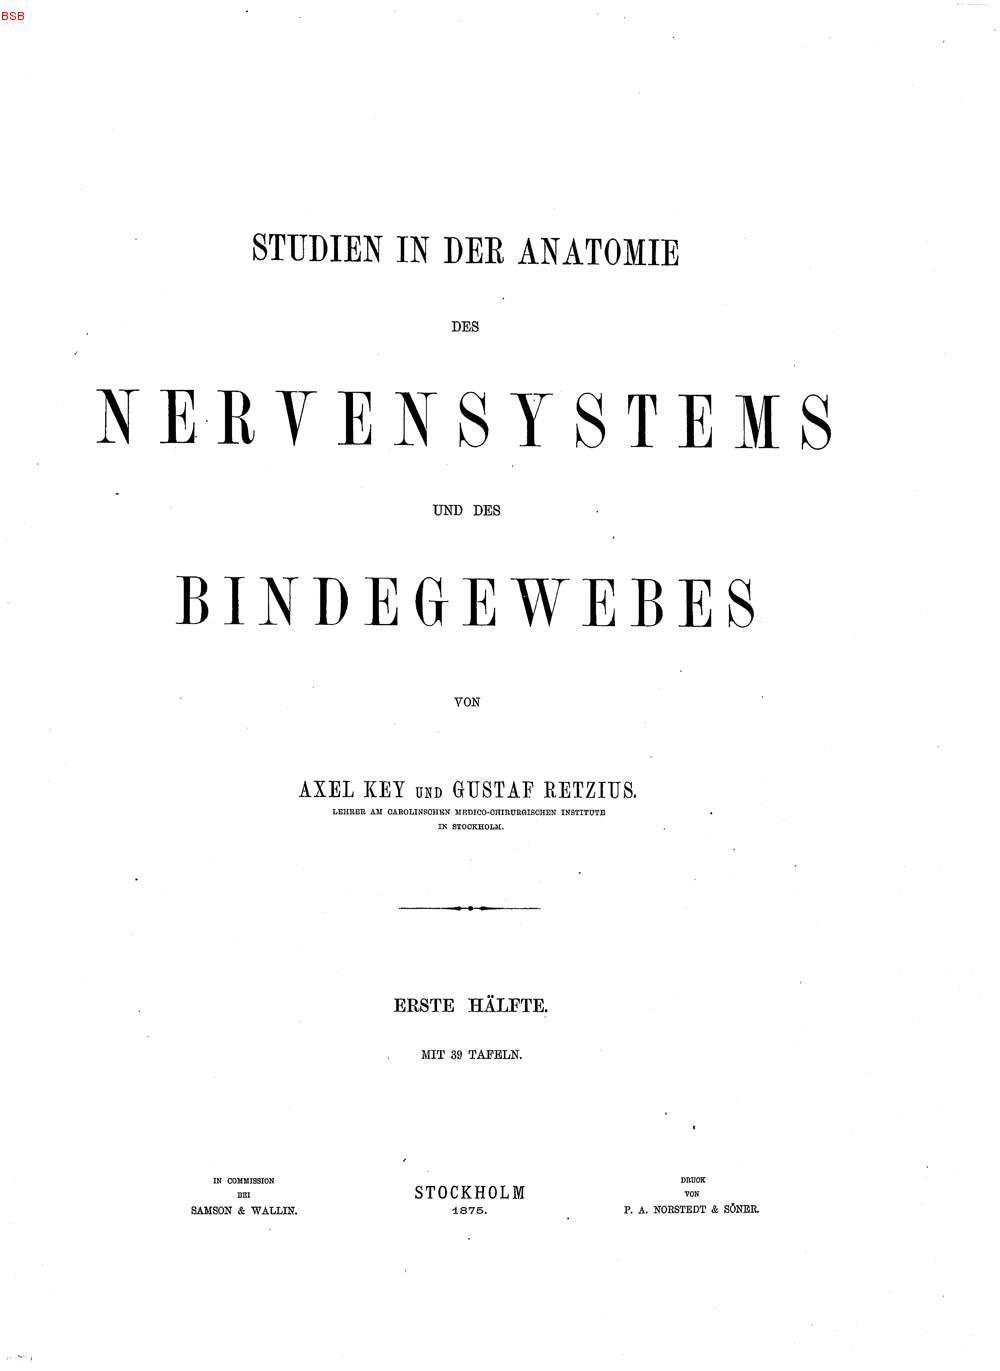 Key, Axel: Studien in der Anatomie des Nervensystems und des ...